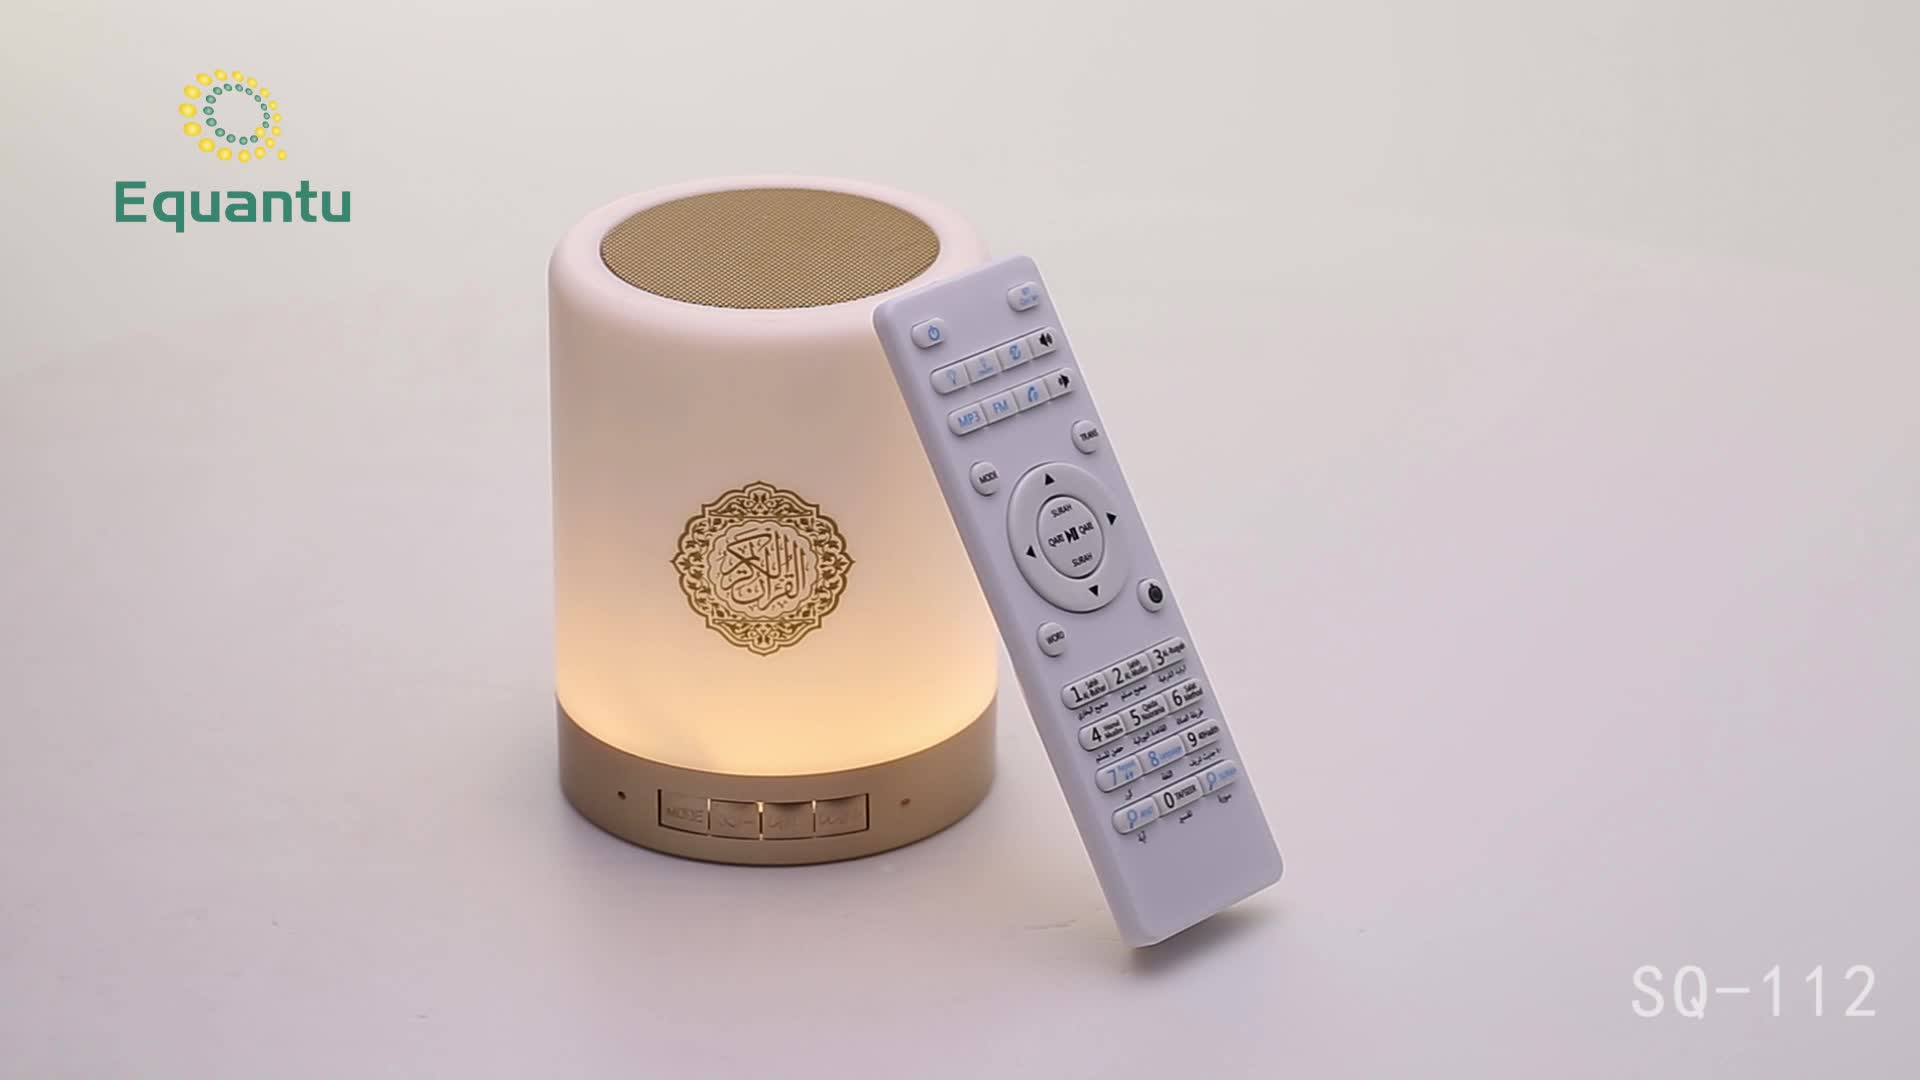 Lettore mp3 con scatola di latta a forma di digital al quran quran di trasporto altoparlante